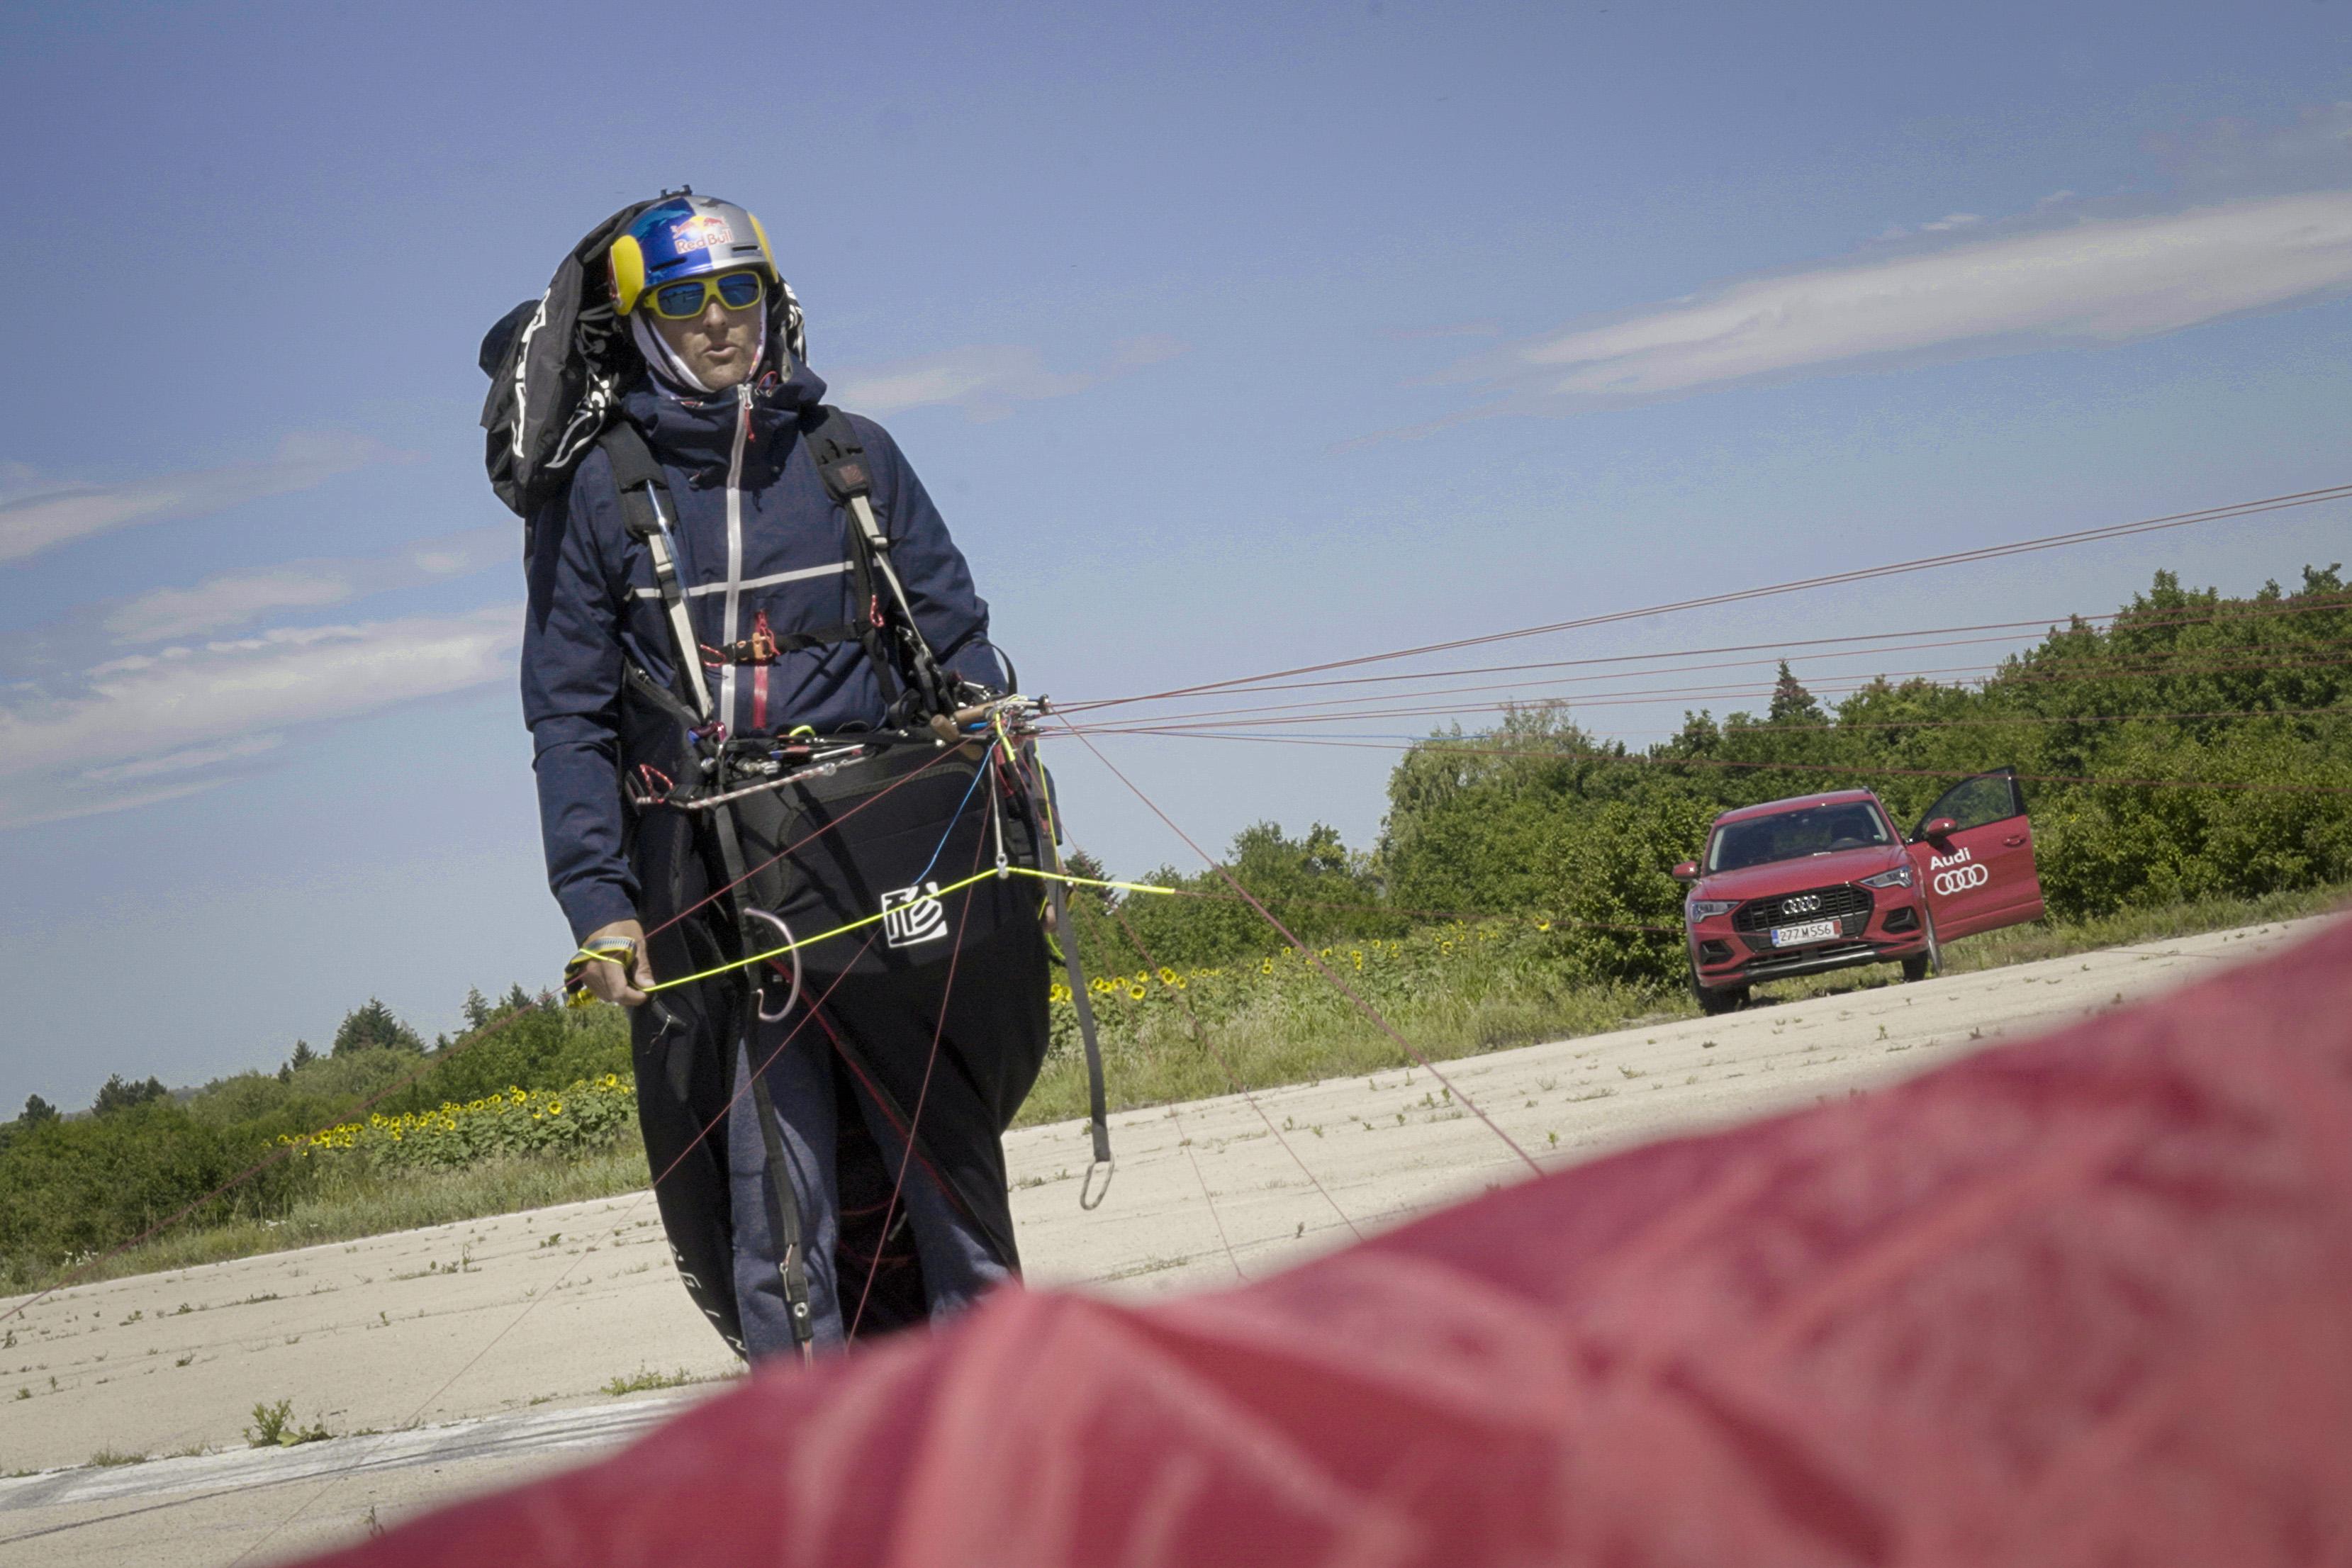 <p>По време на състезанието Air and Water Need Good Wings парапланеристът Весо Овчаров срещна трудности със силния вятър и спря след малко повече от 137 км. Той определя деня като &ldquo;невероятна борба&rdquo;.</p>